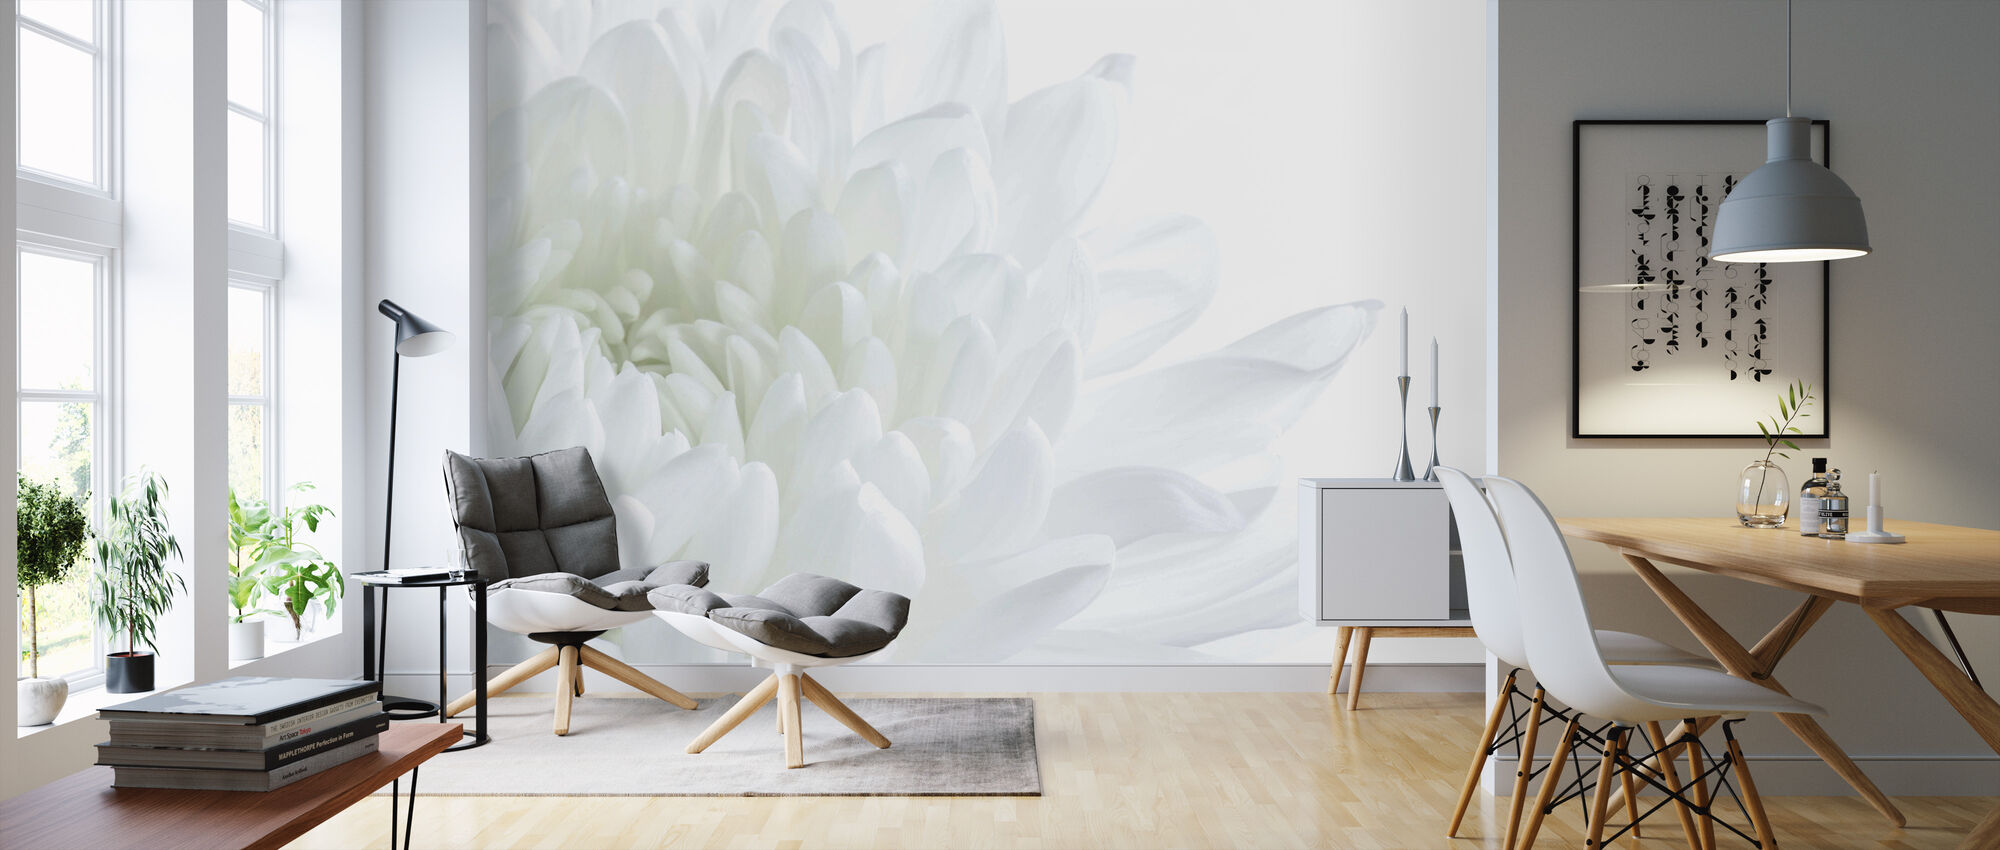 White Flower Blossom - Wallpaper - Living Room